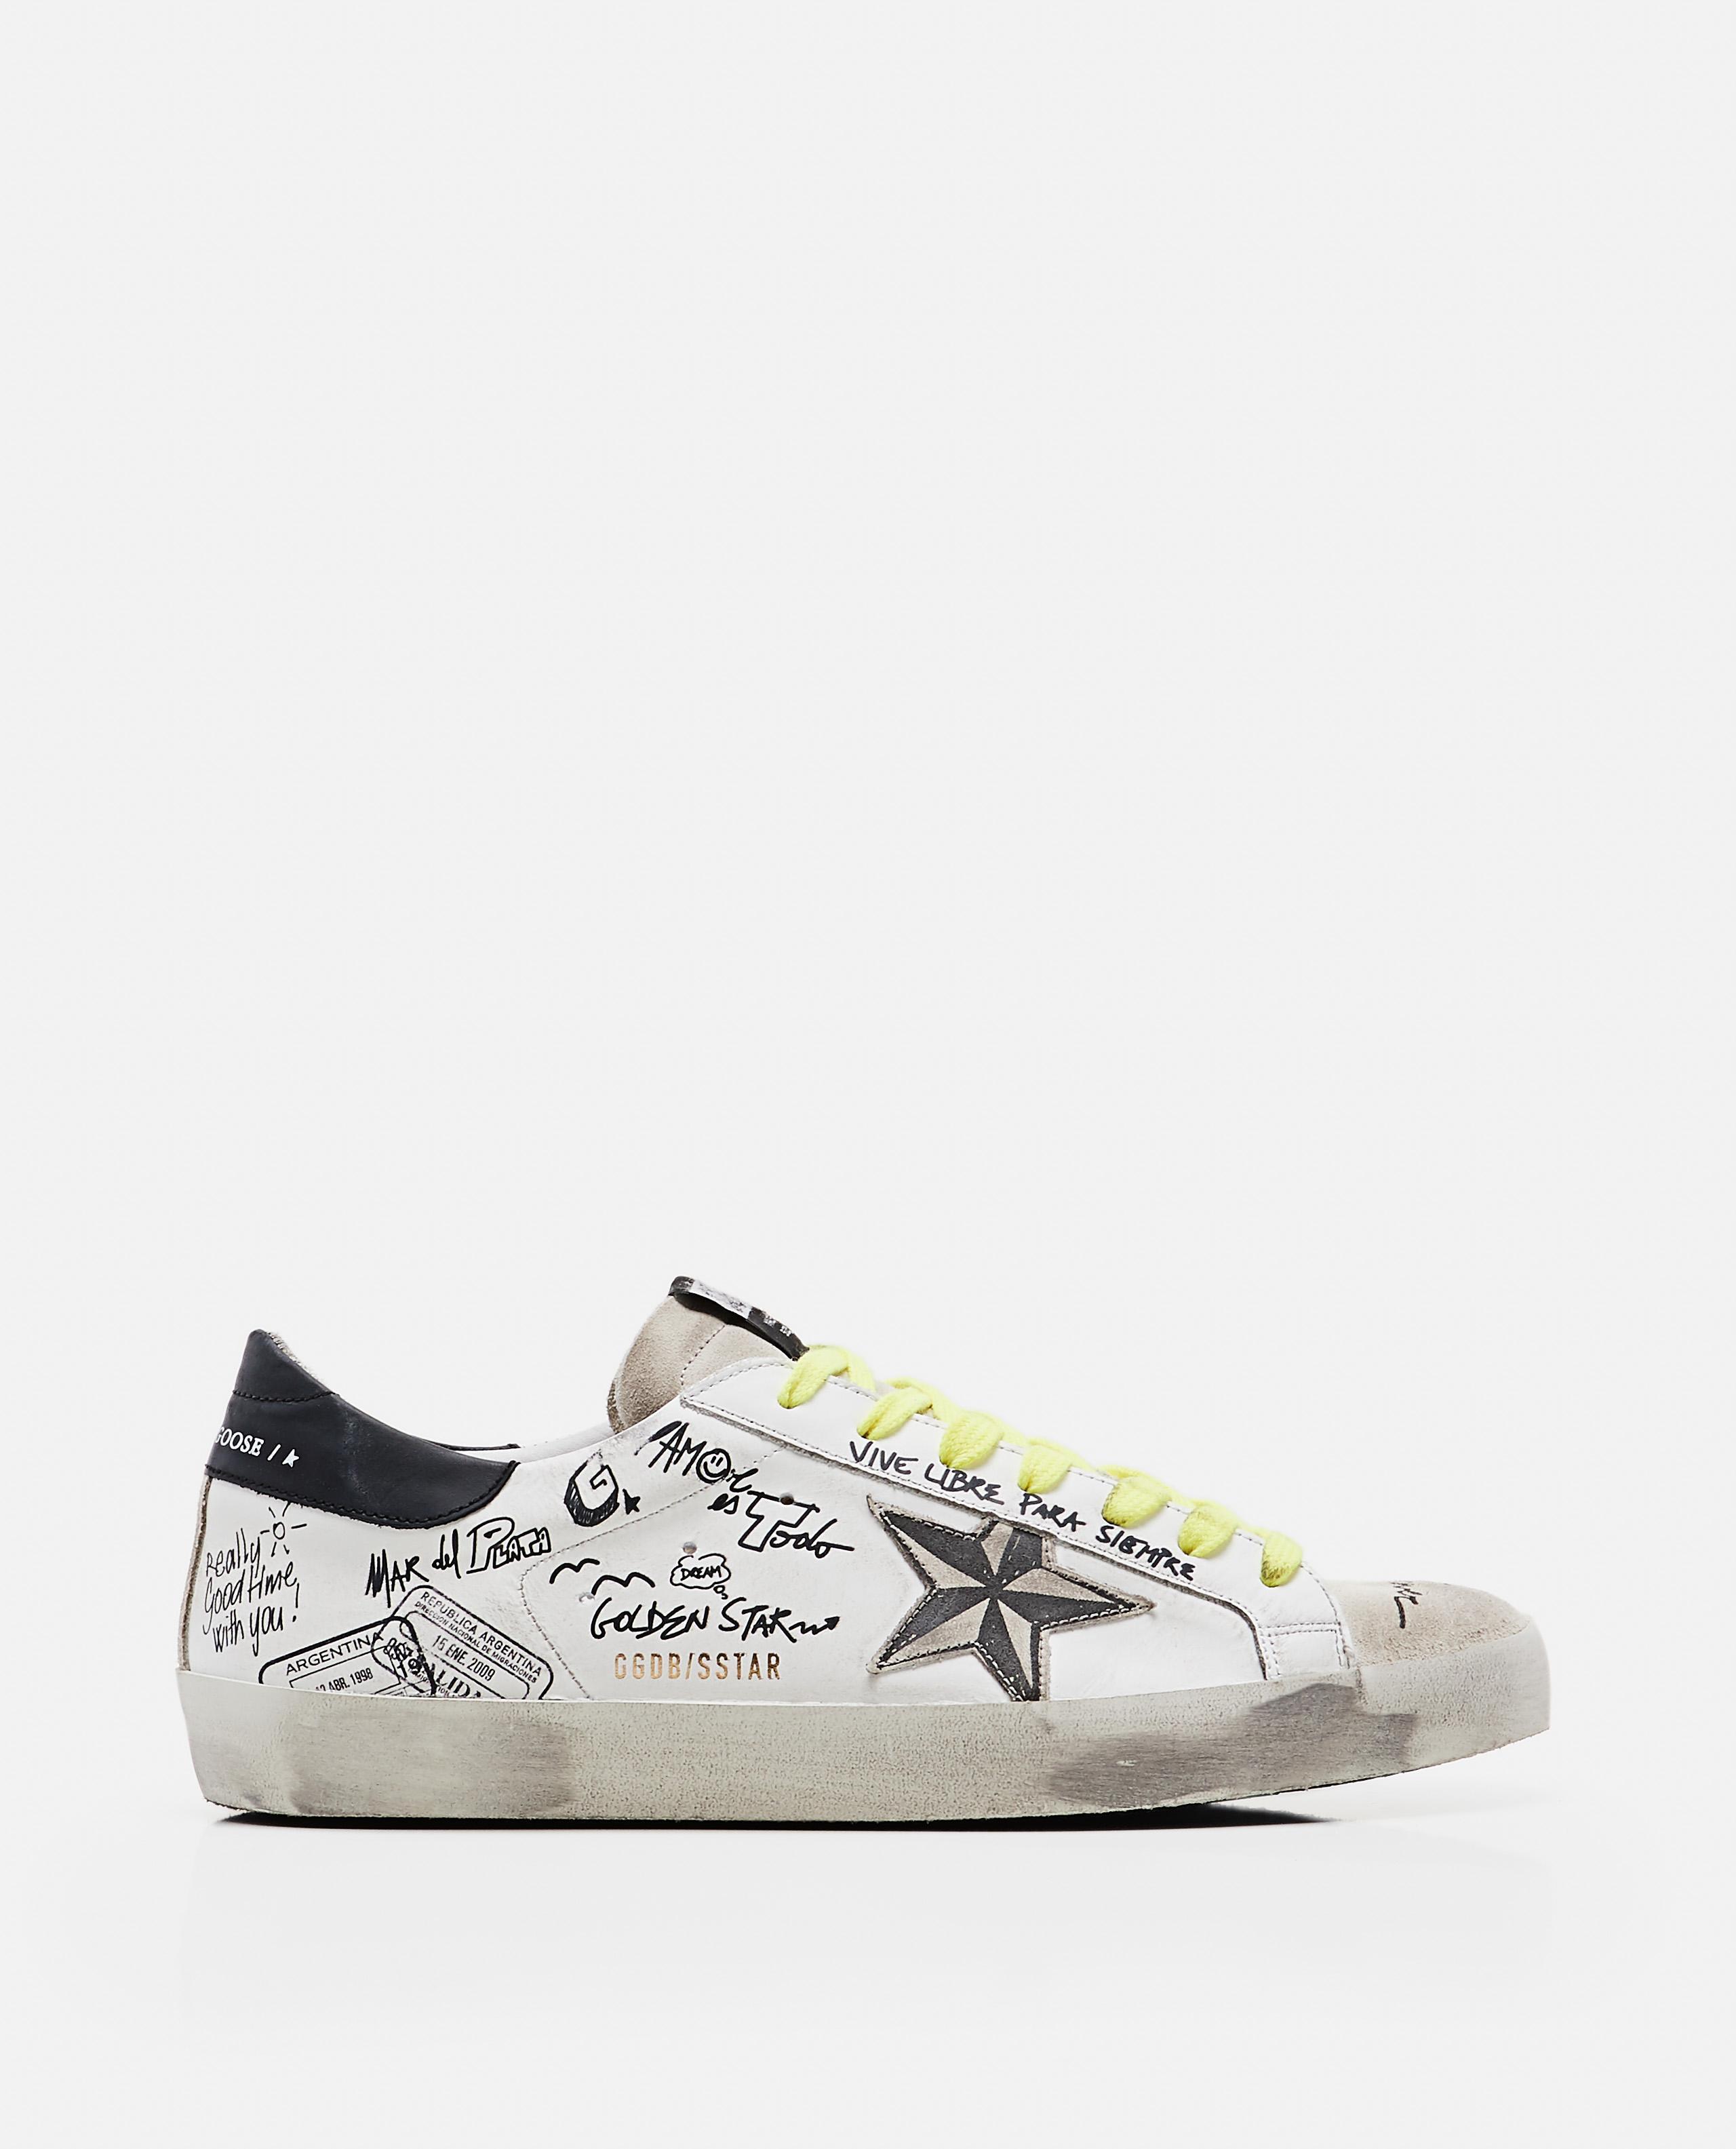 Superstar classic Golden Goose sneakers